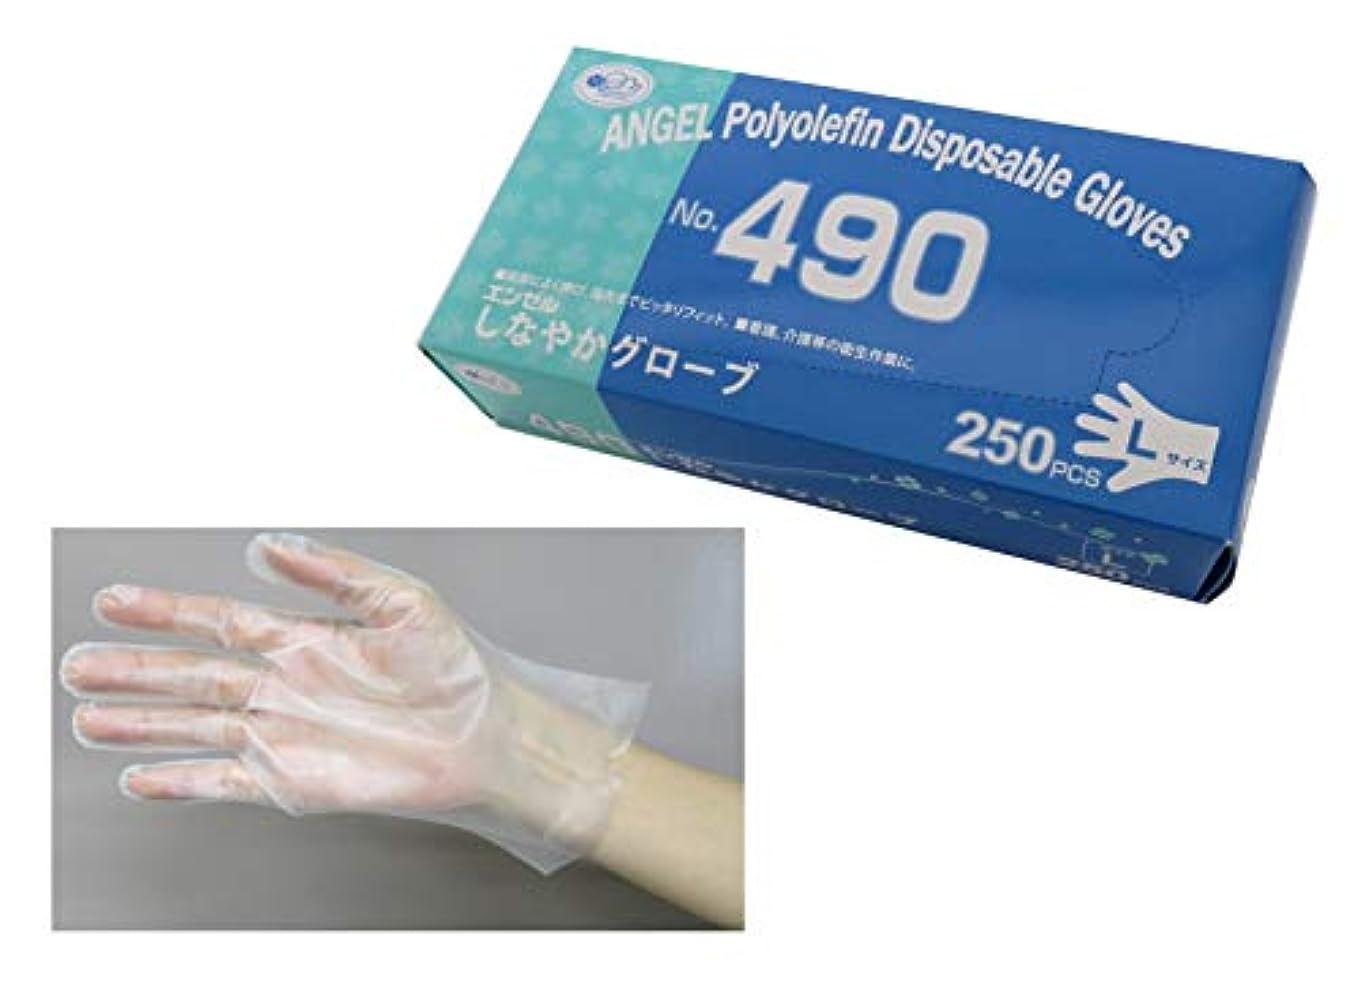 体操選手ひそかに花に水をやるサンフラワー No.490 TPE(熱可塑性エラストマー) しなやかグローブ 250枚入り (L)